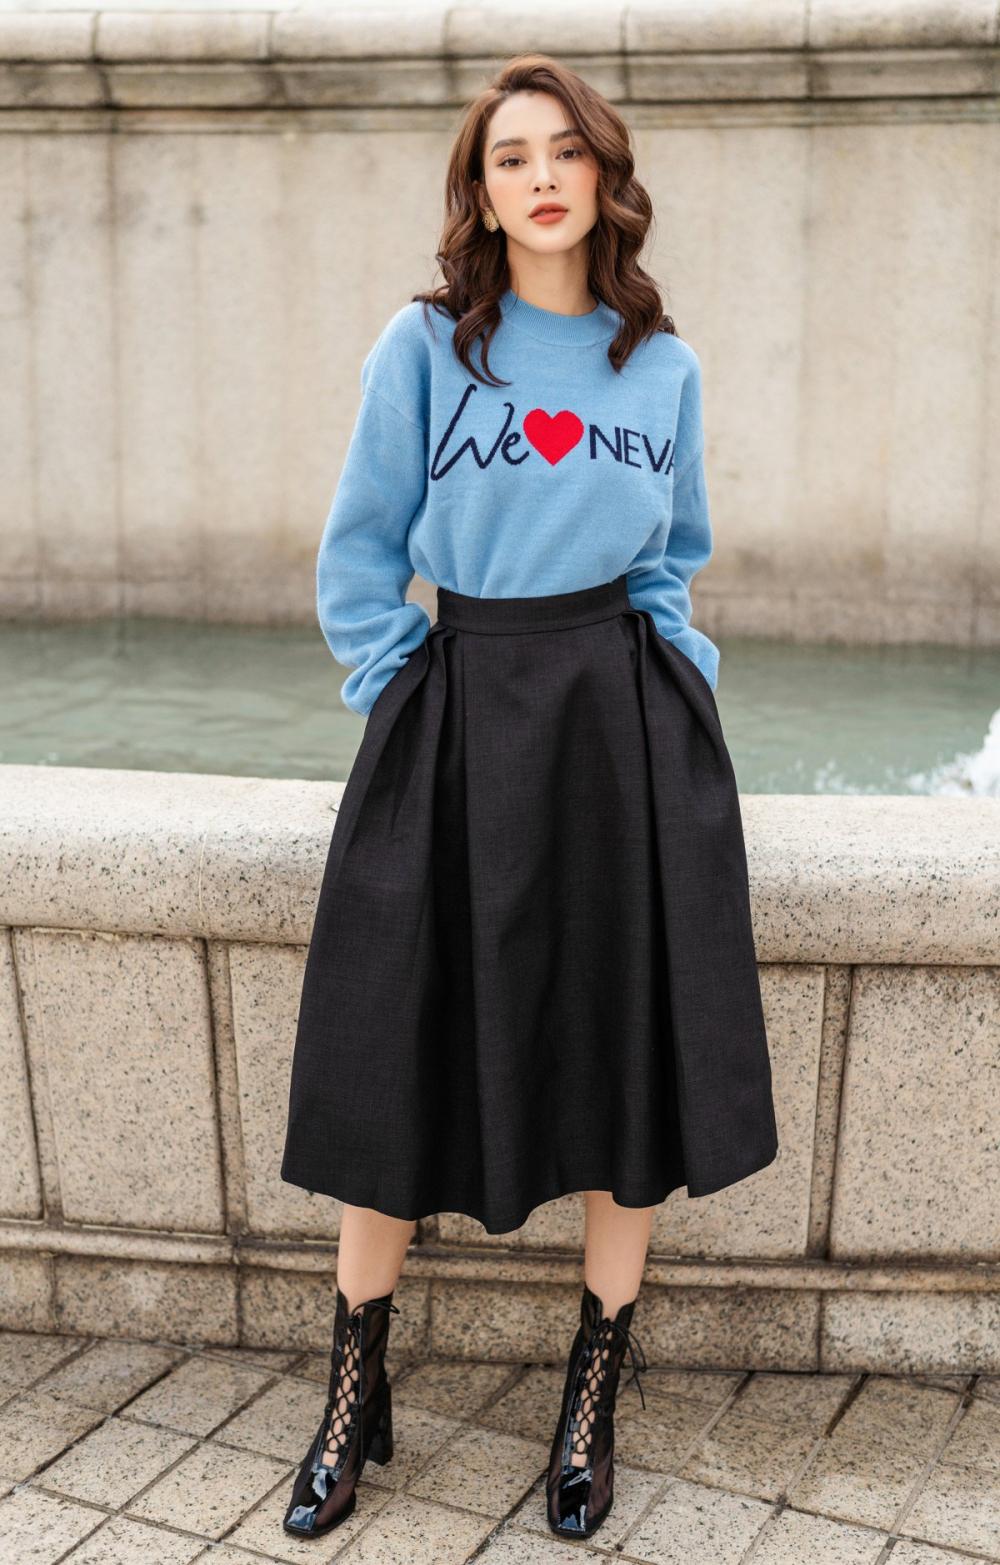 Để tạo nét yêu kiều hơn, Quỳnh Lương chọn phối chân váy xòe với áo thun phom rộng.